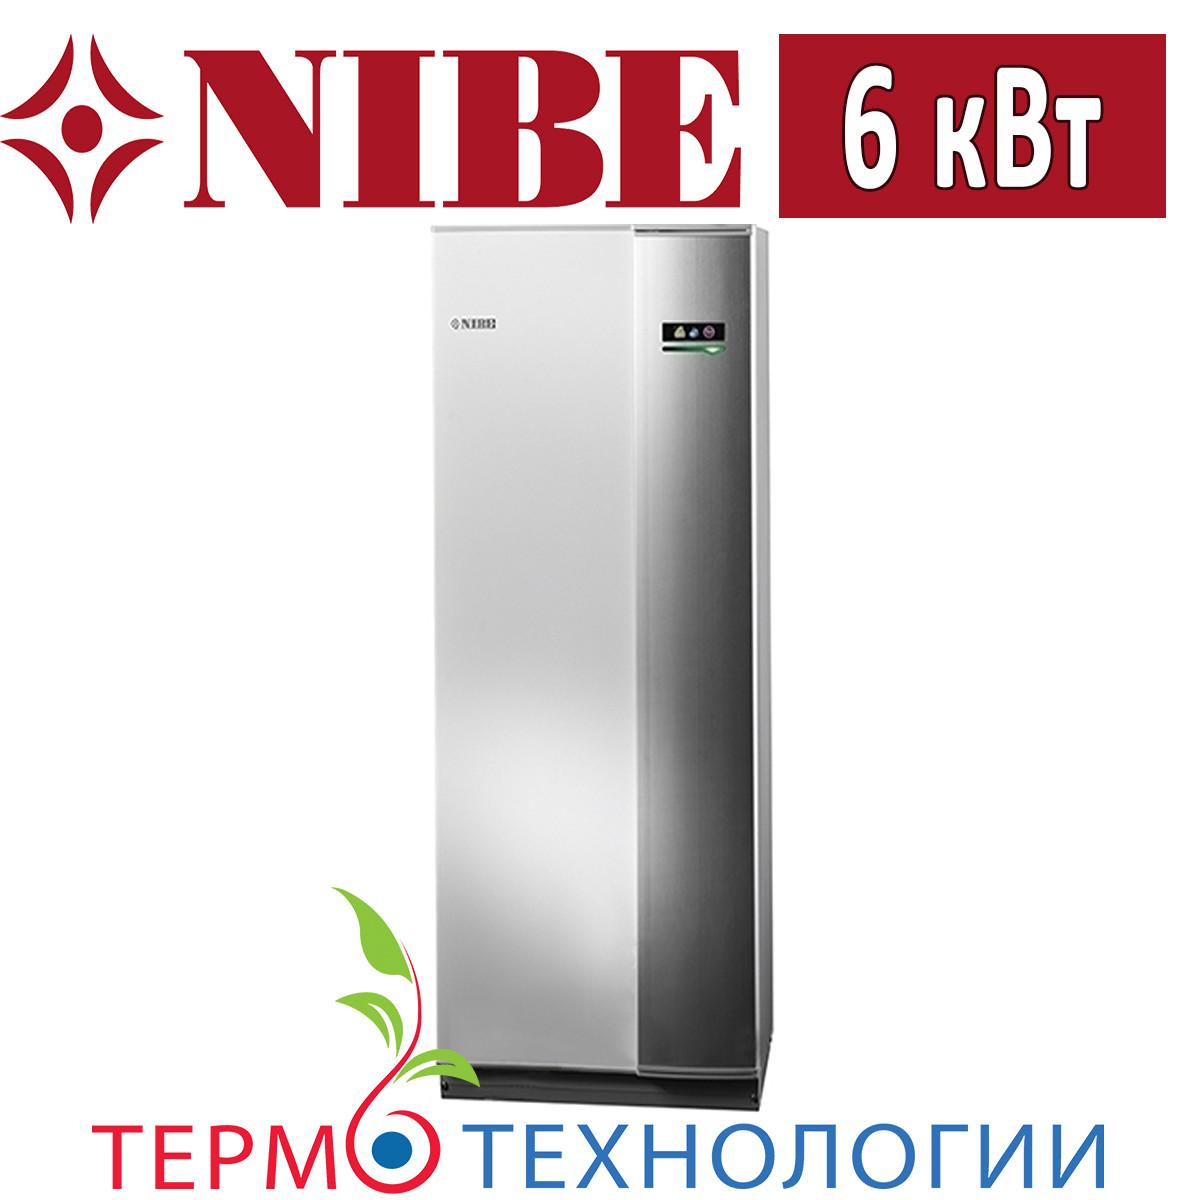 Тепловой насос грунт-вода Nibe F1245 E 6 кВт, 380 В